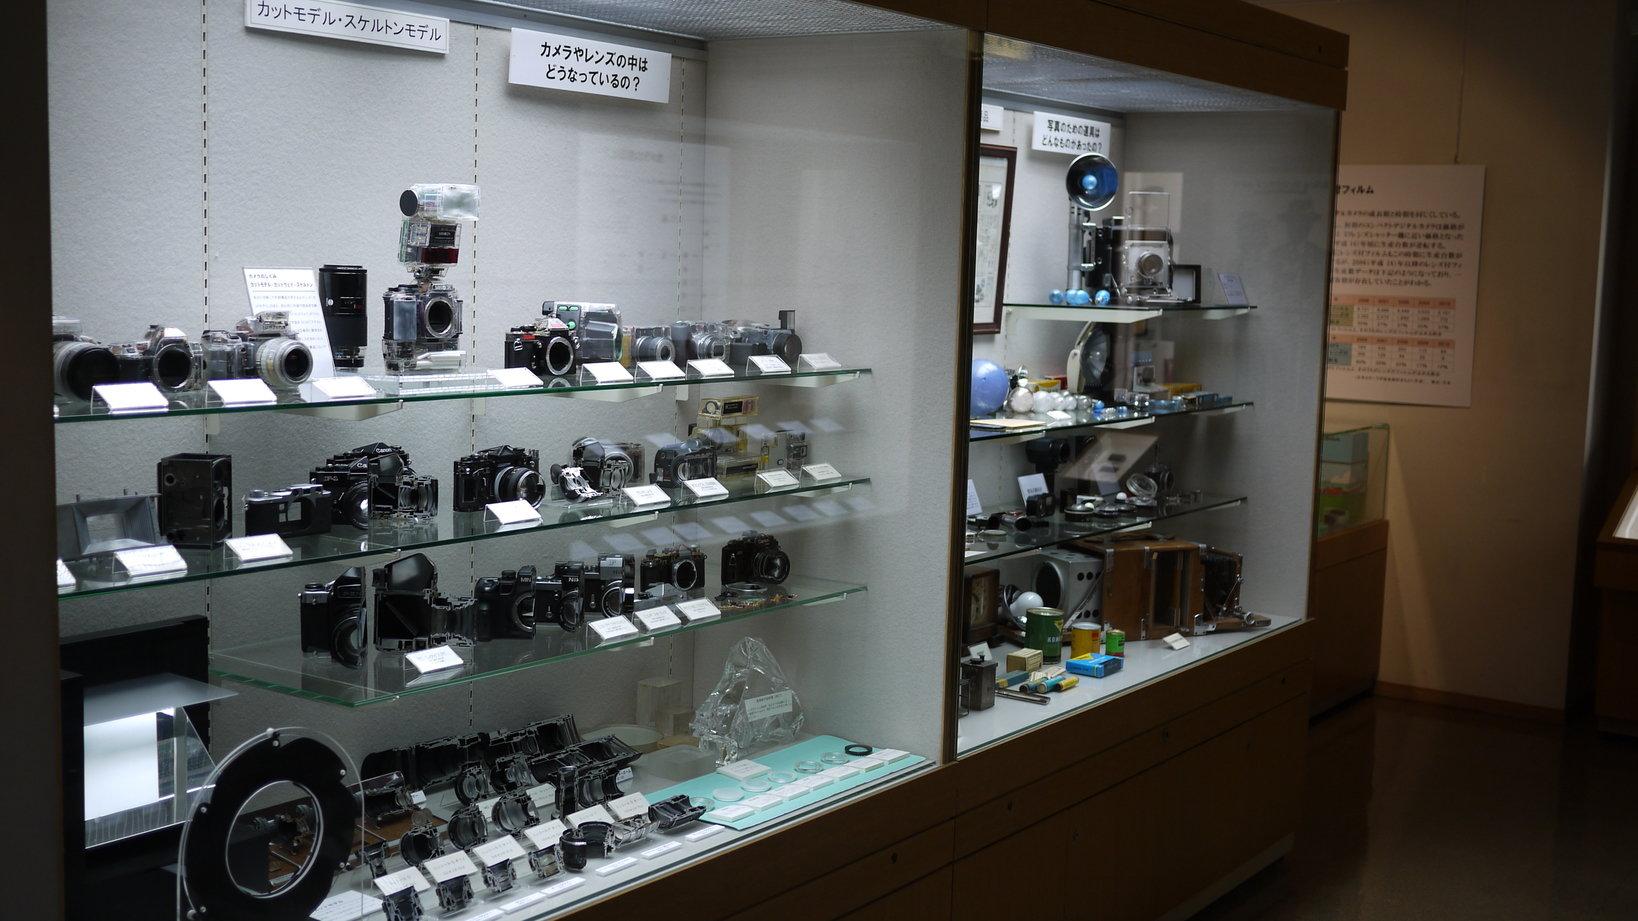 カメラの種類や仕組みなども、分かりやすく説明